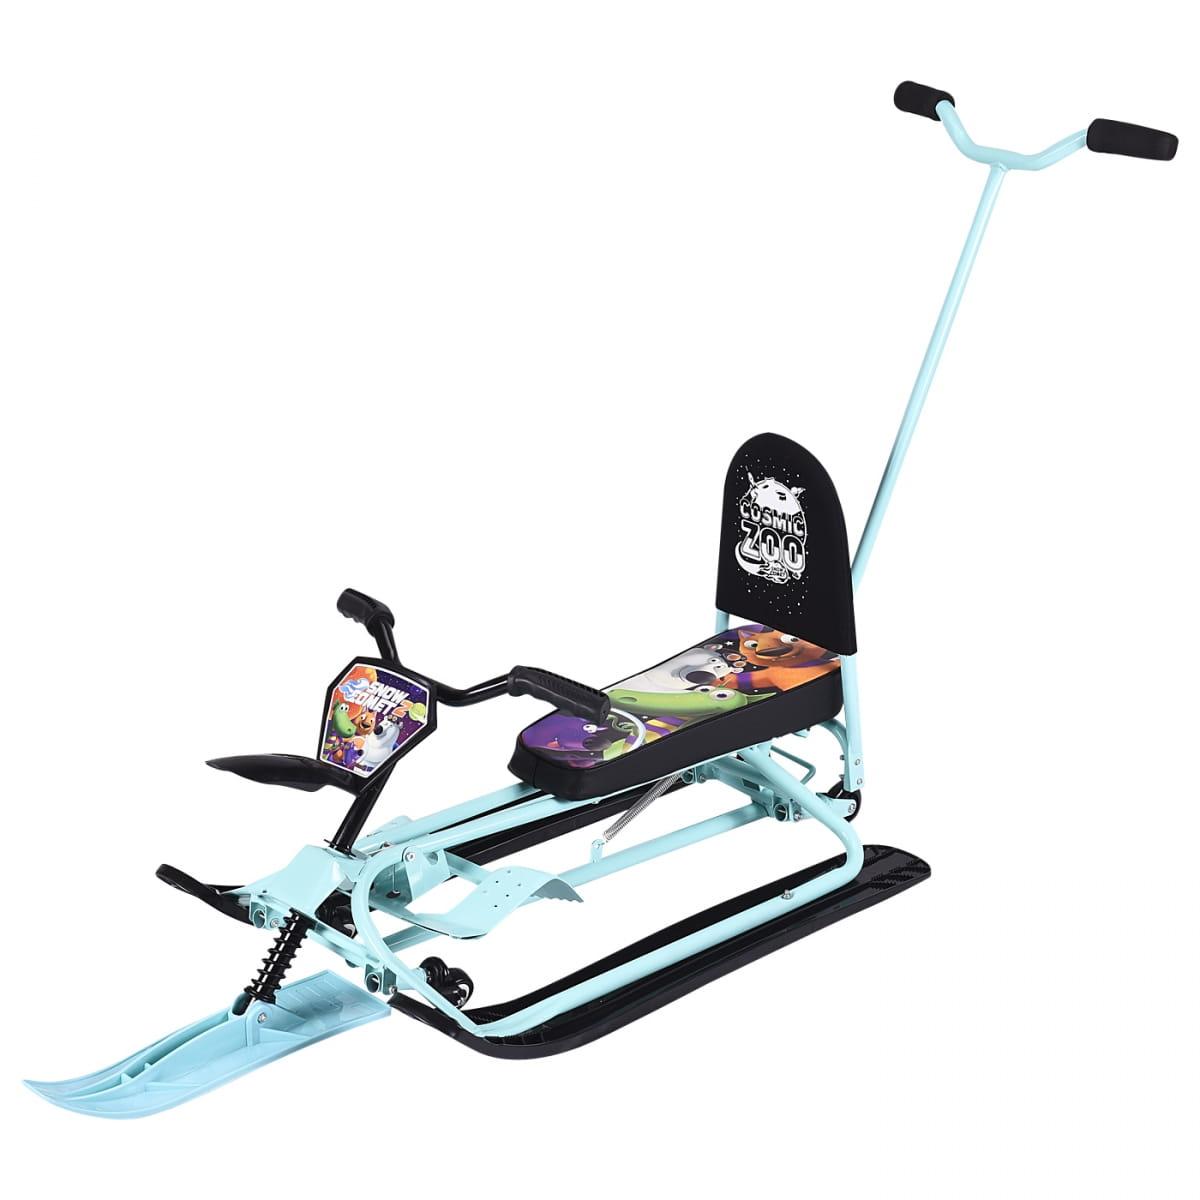 Детский снегокат-трансформер Small Rider 1373609 Snow Comet 2 Deluxe - аква